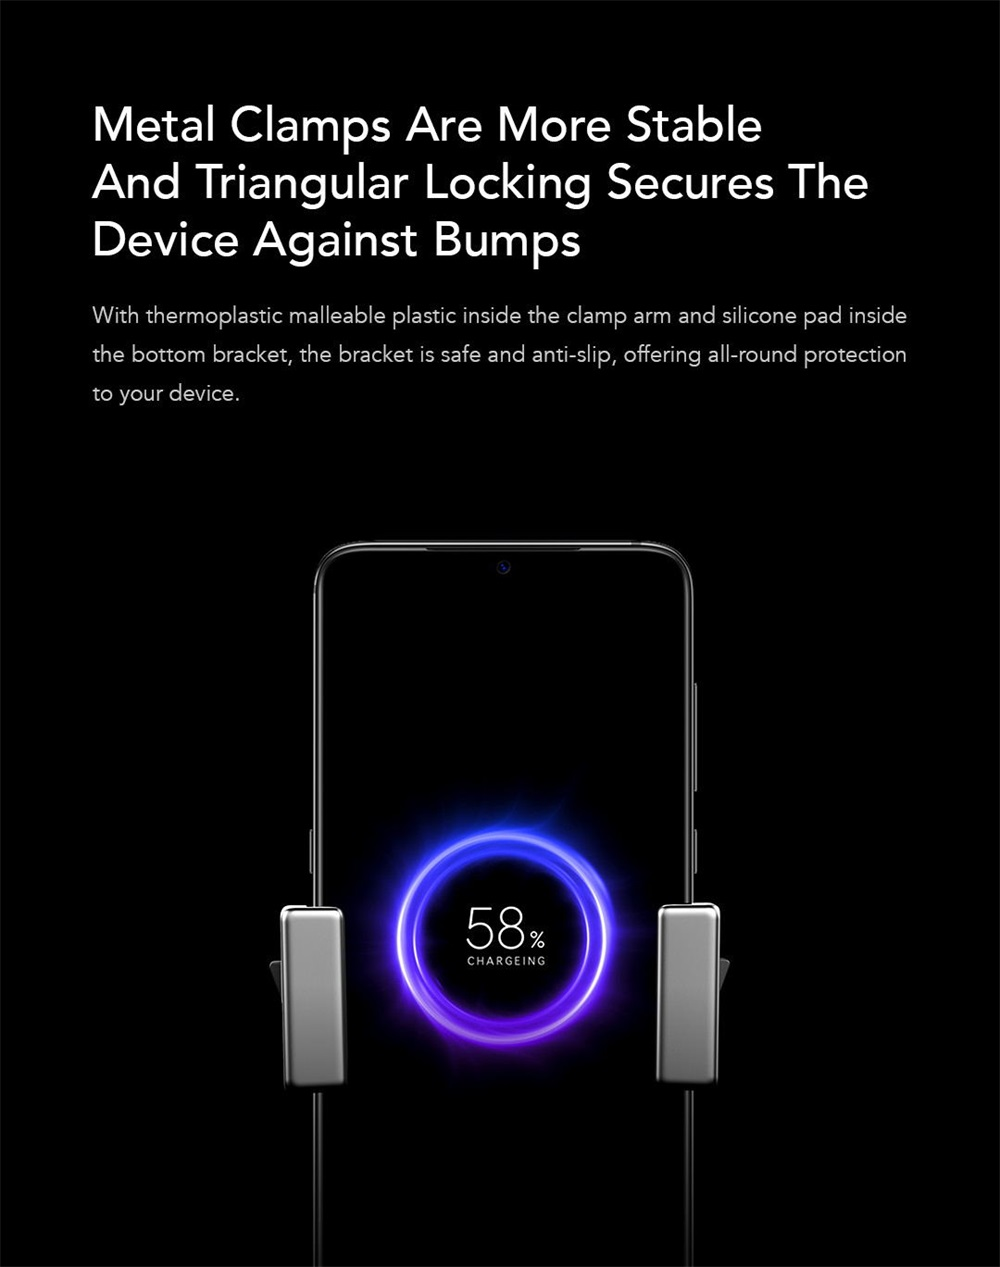 xiaomi zmi wcj10 wireless charger phone mount for sale